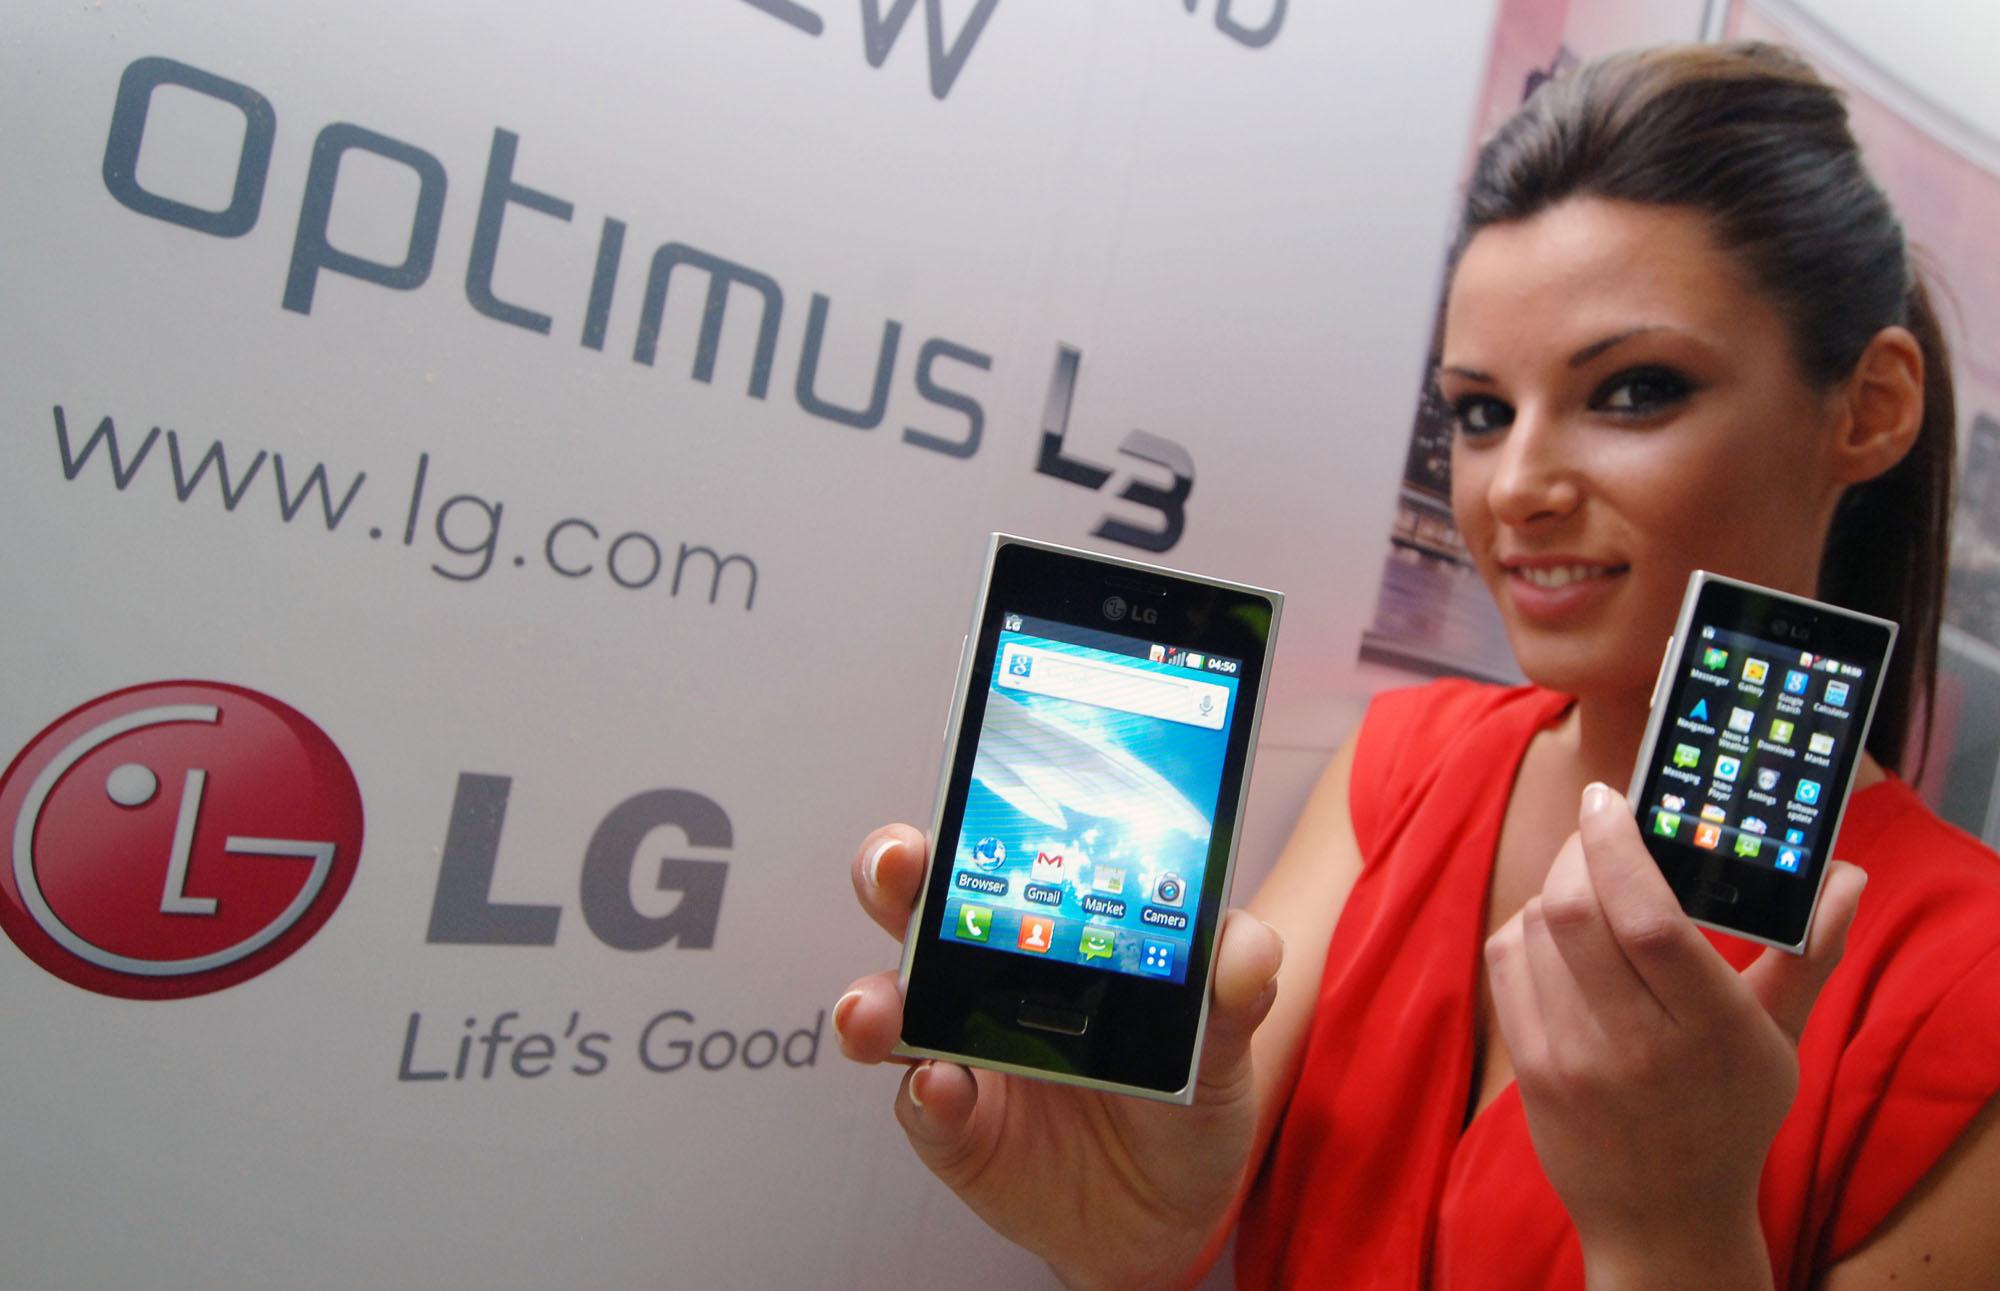 LG înregistrează profit în T1 după două trimestre consecutive de pierderi